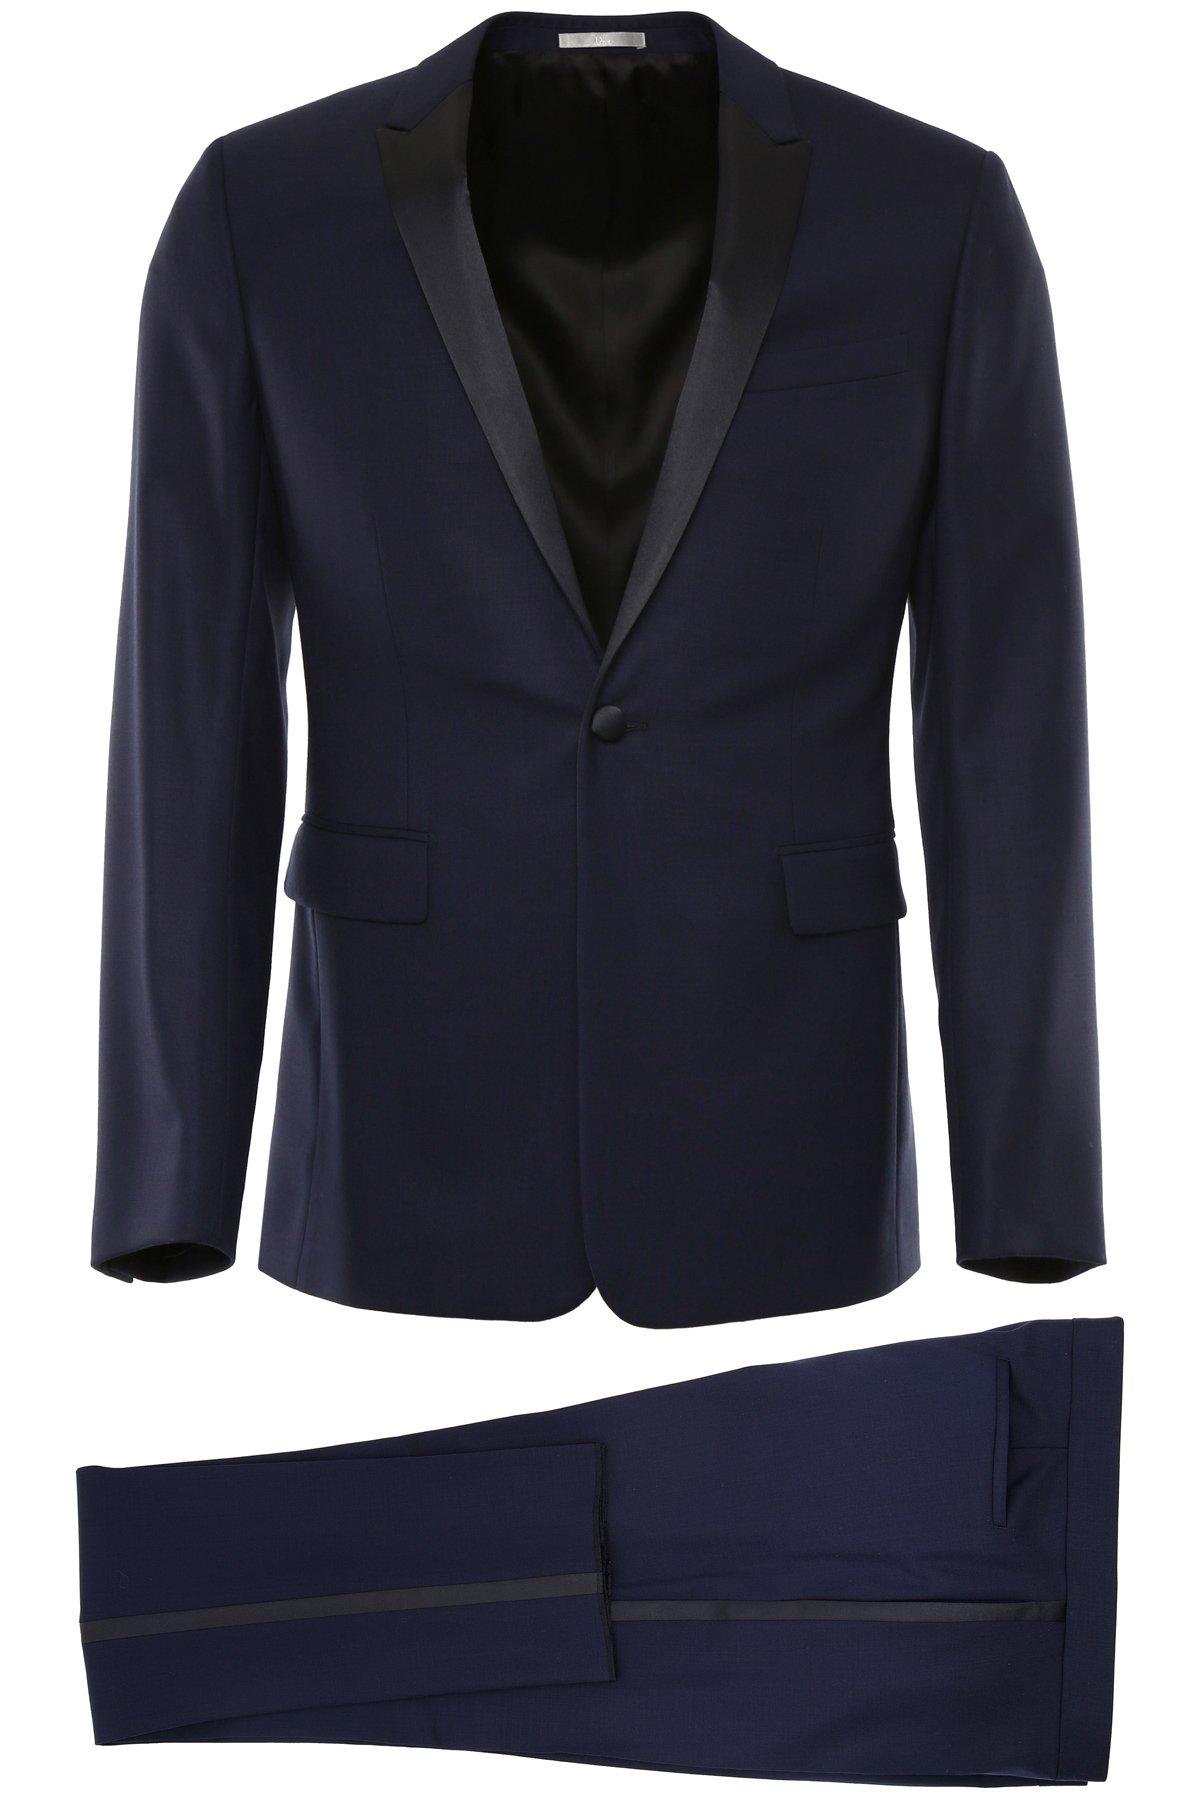 Dior tuxedo suit